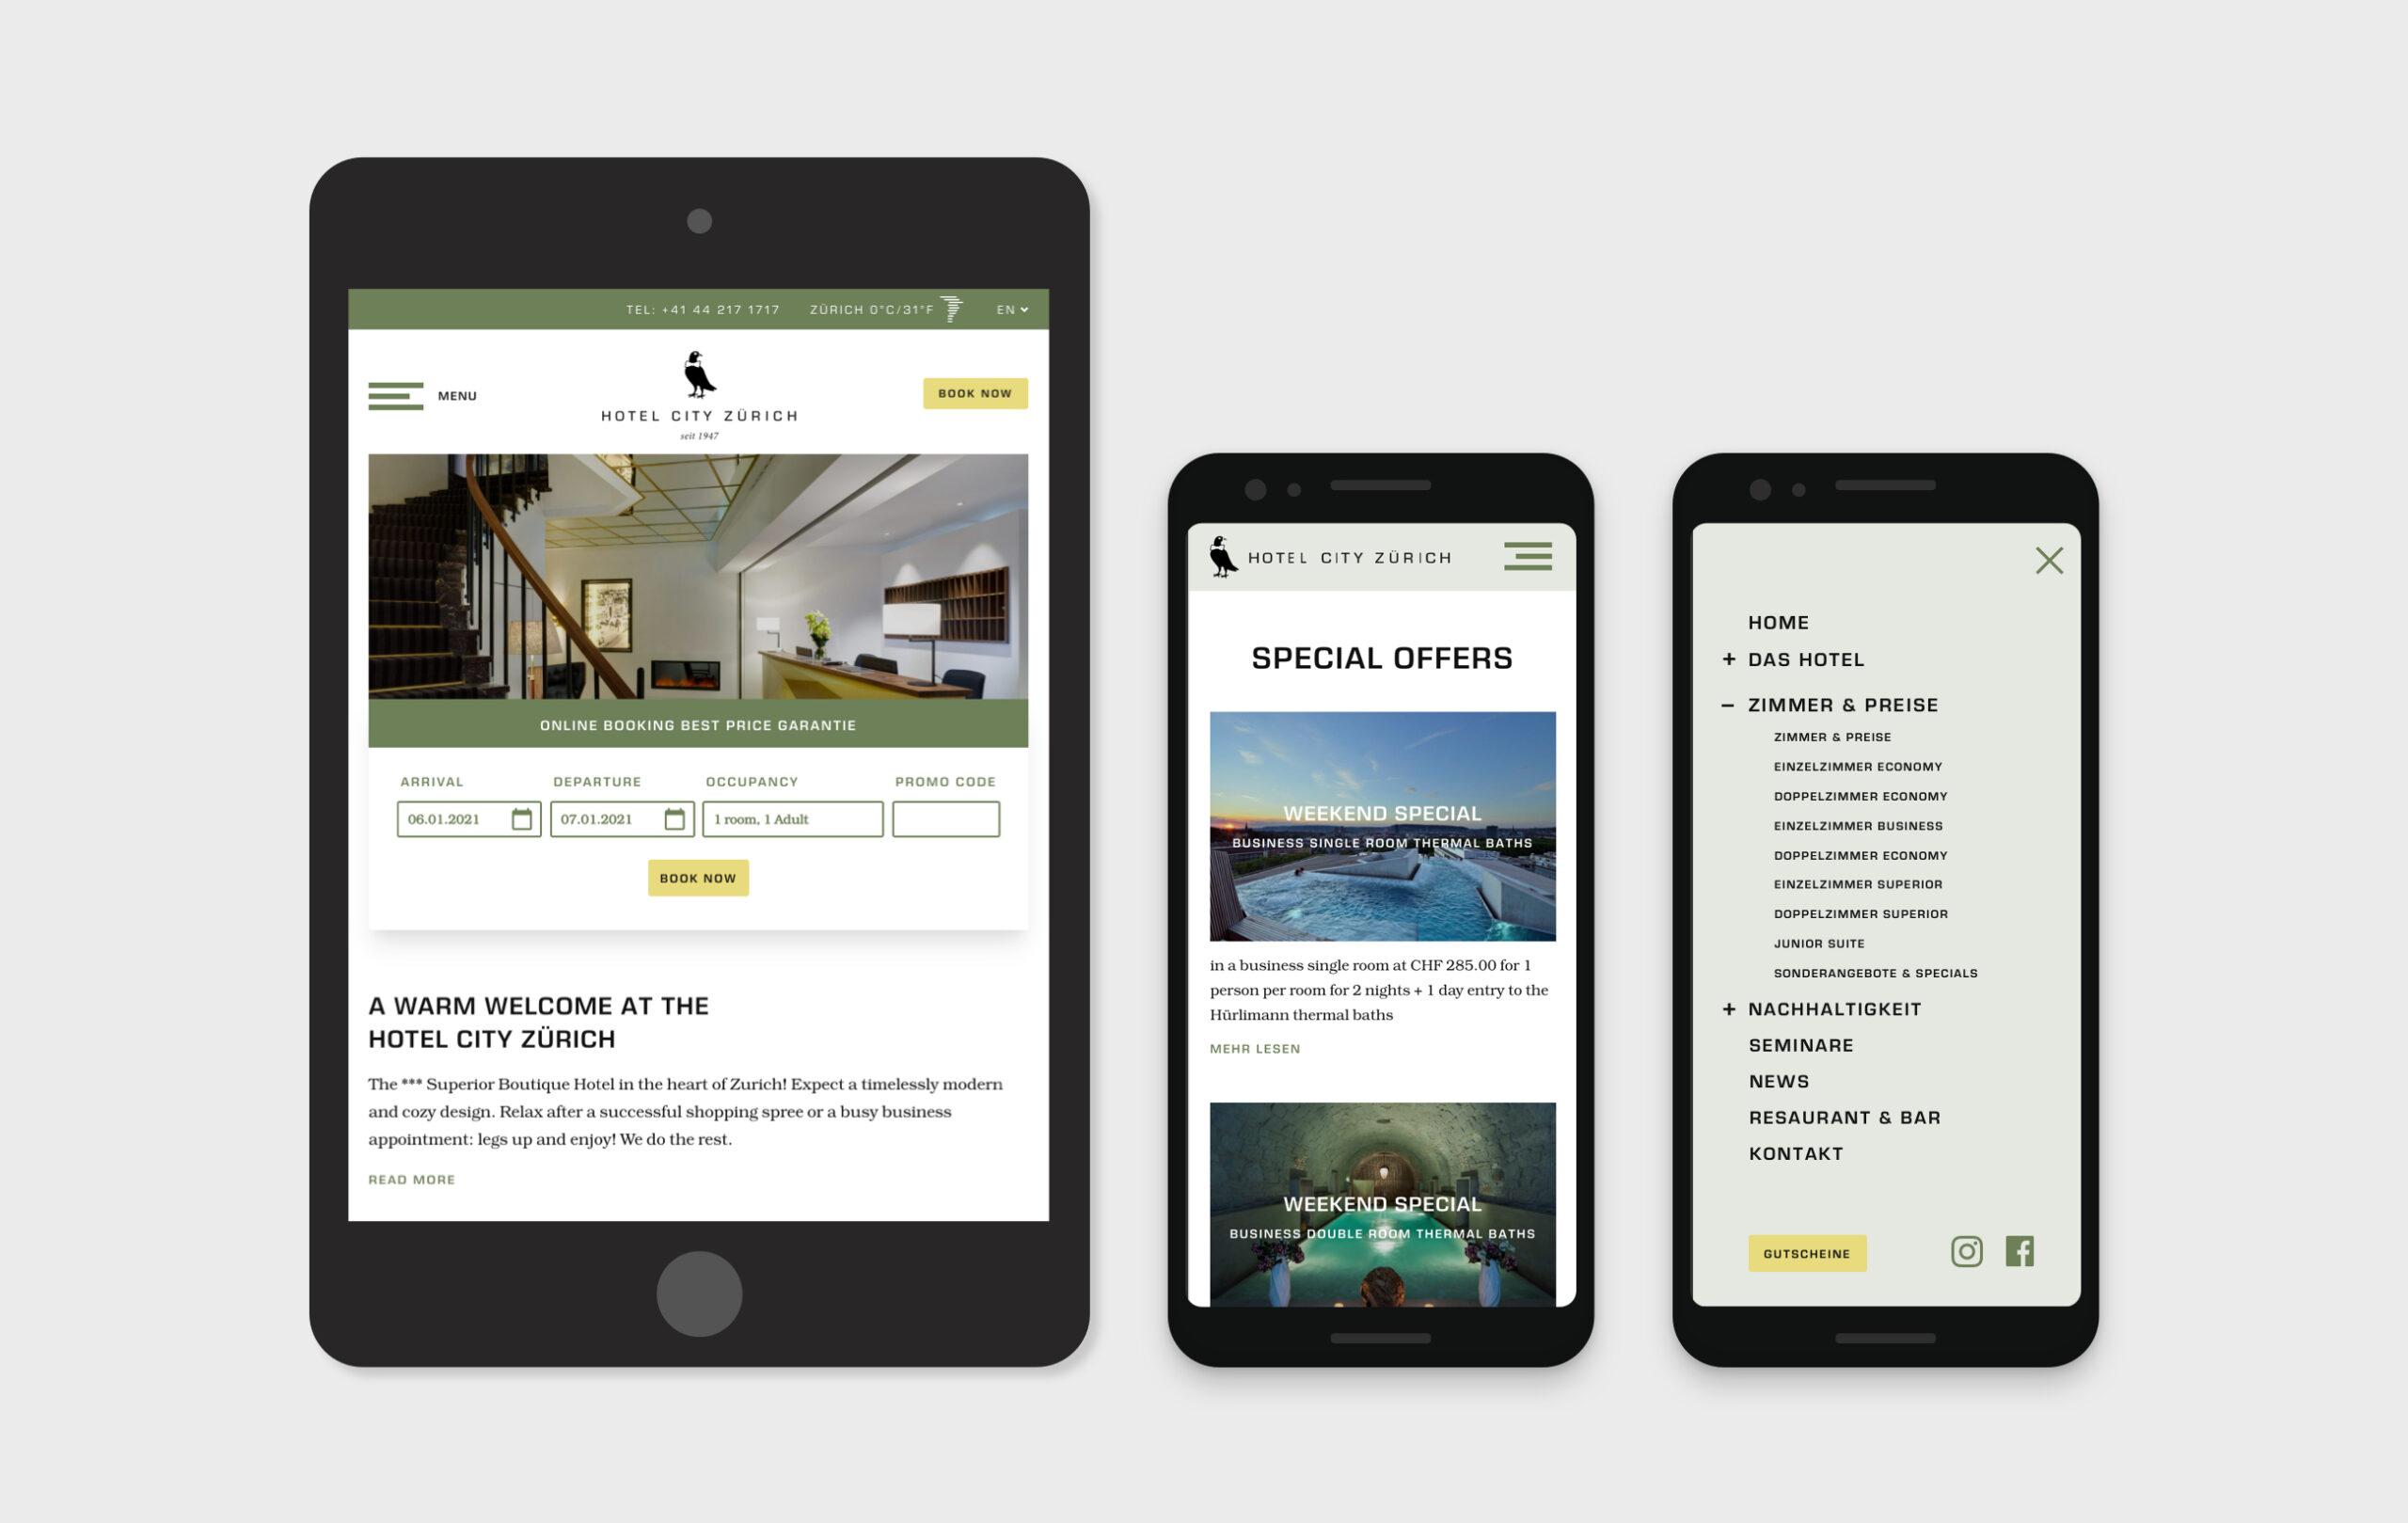 Hotel City Zurich website mobile designs